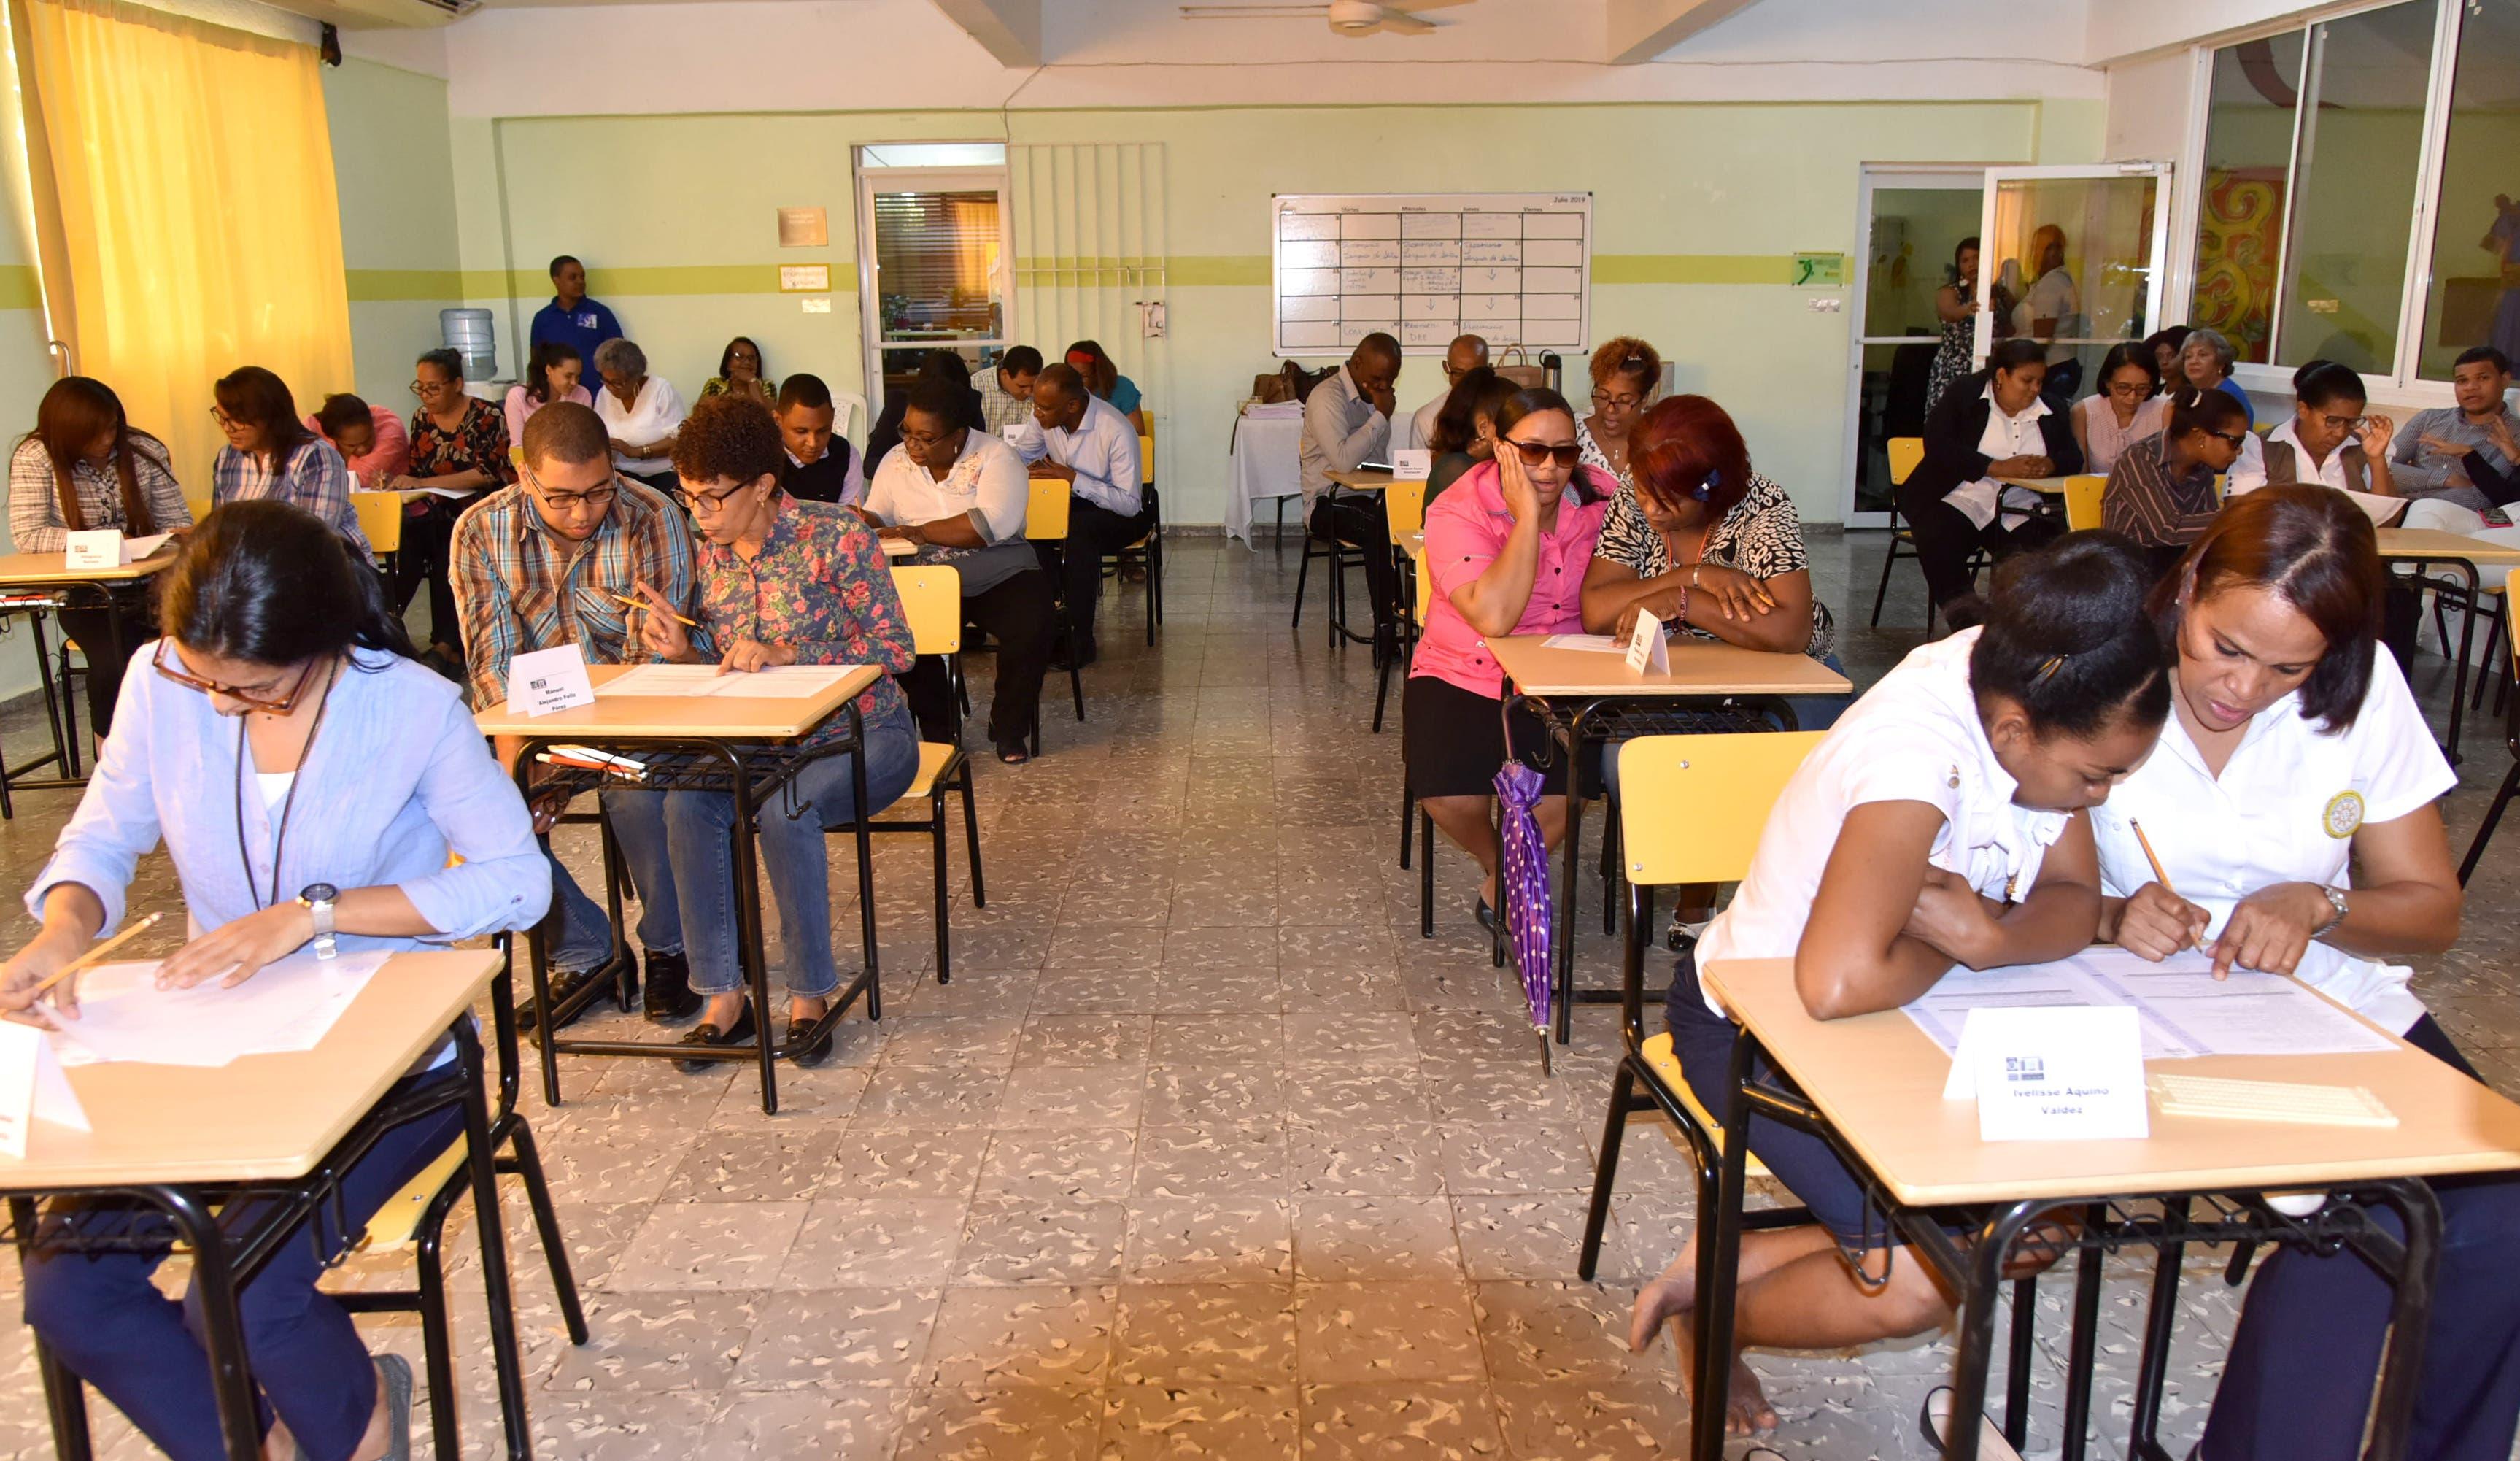 Profesores con discapacidad visual y auditiva fueron evaluados en Concurso de Oposición Docente